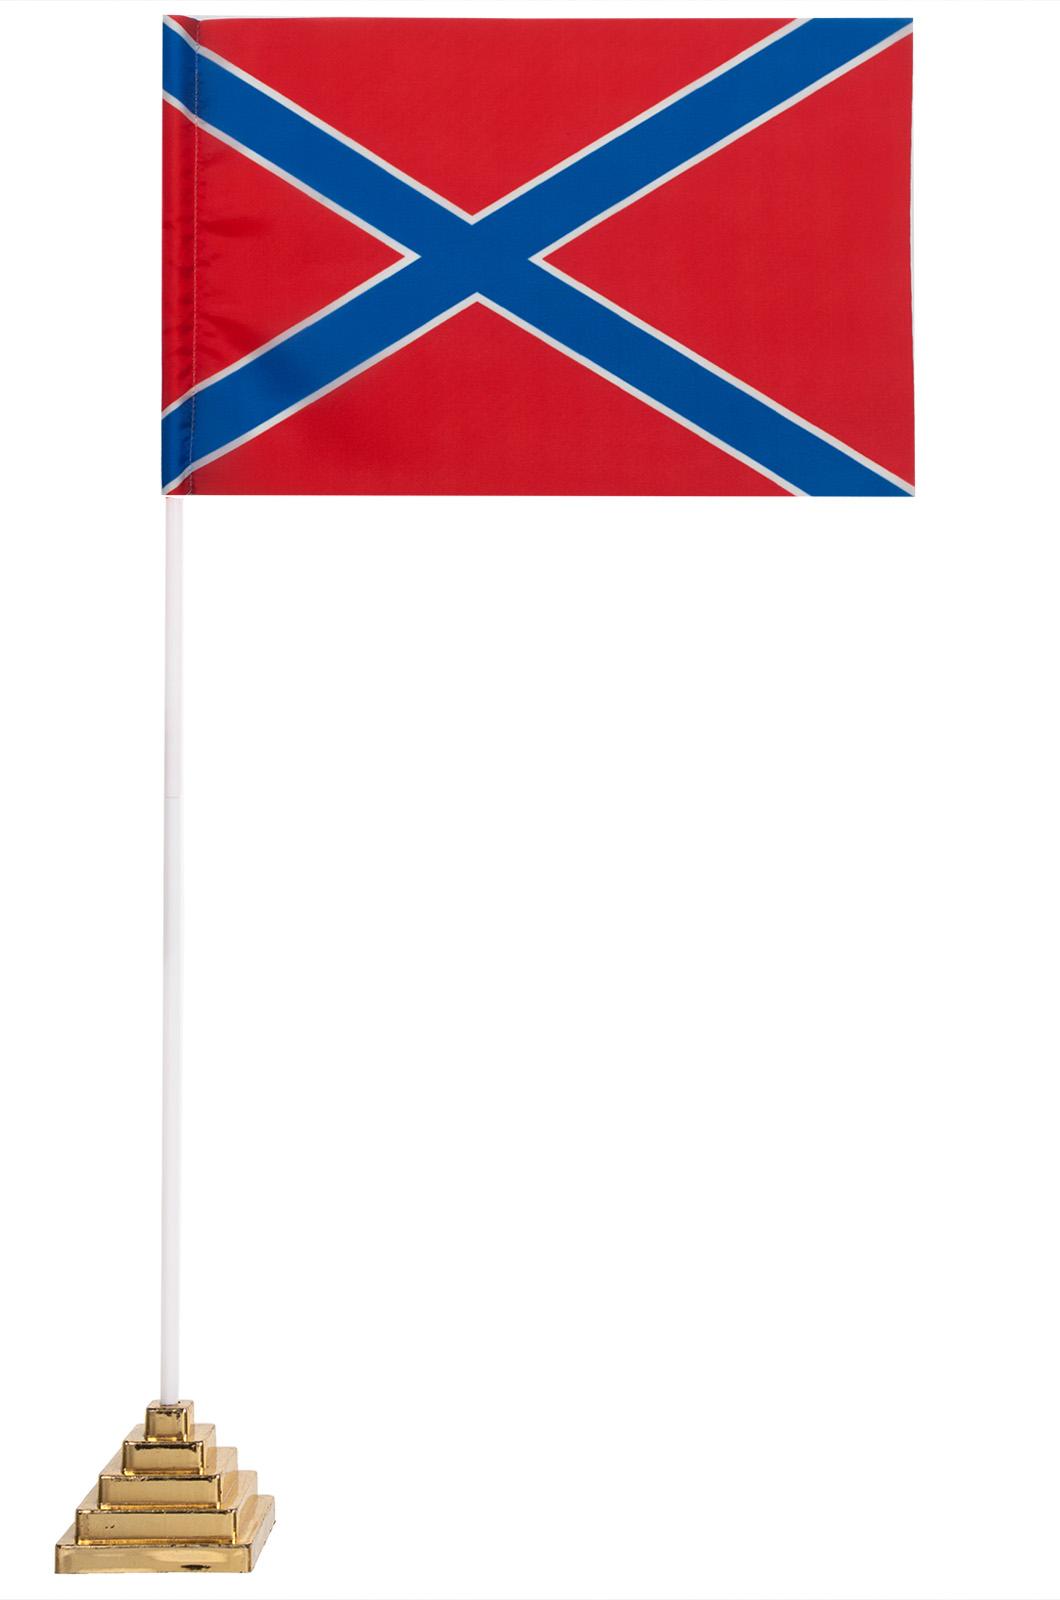 Купить настольный красно-синий флажок Новороссии